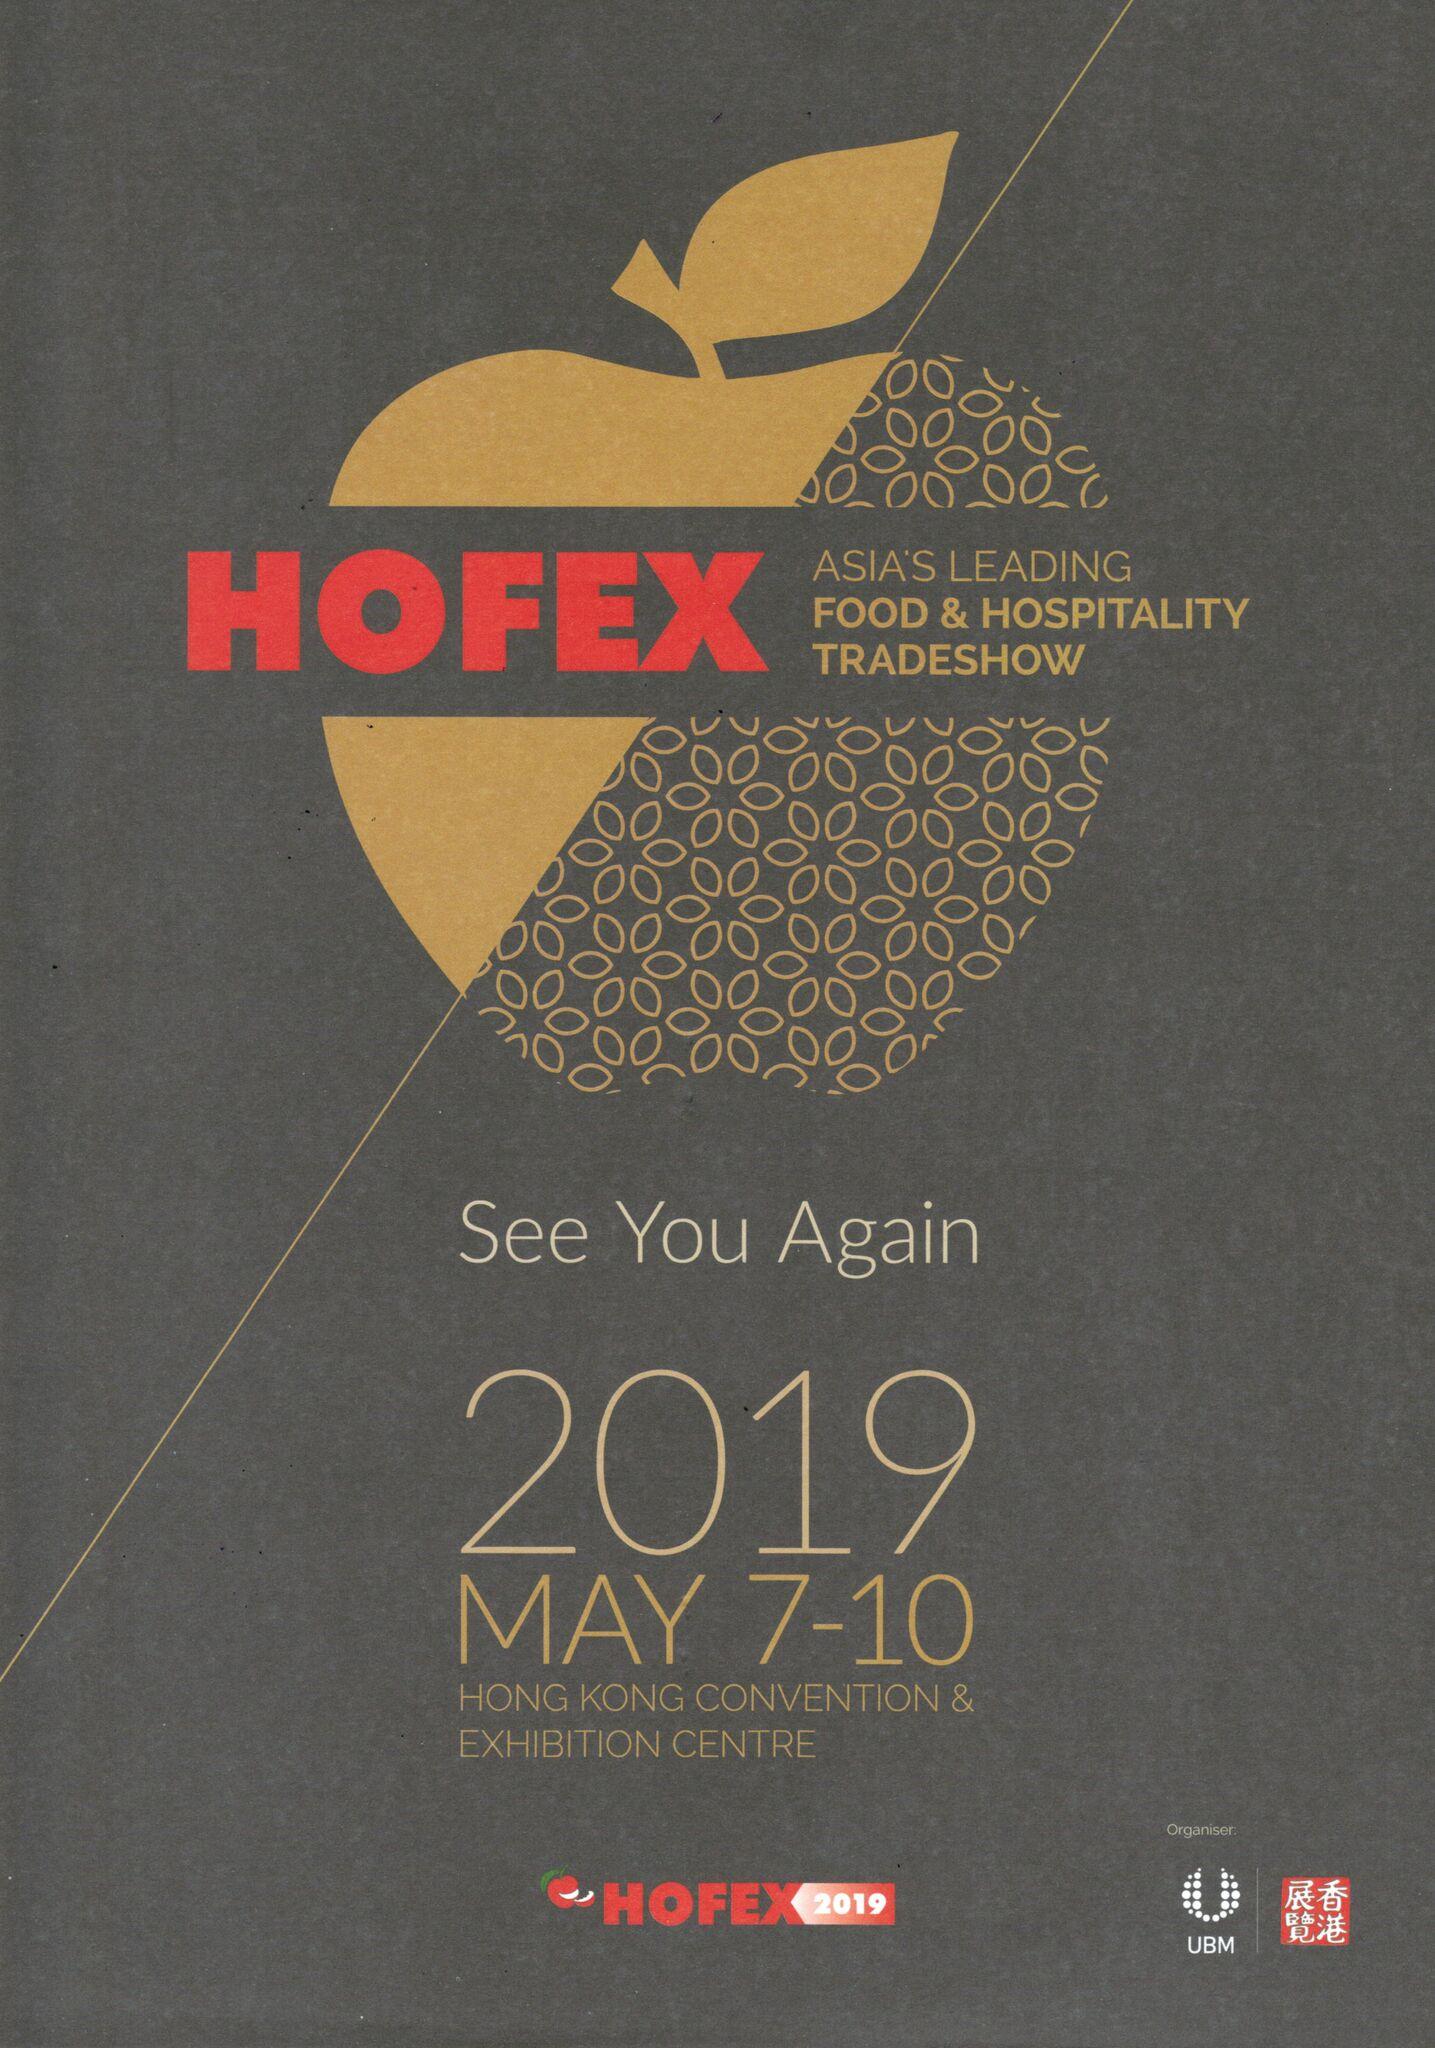 HOFEX 2019 (07 - 10 May 2019) - Hong Kong Bartenders Association